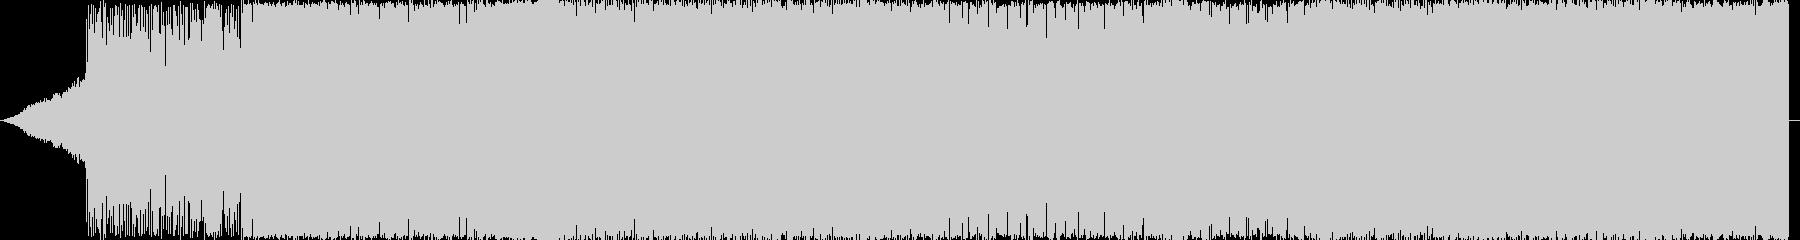 激しく攻撃的なエレクトロサウンドです。の未再生の波形